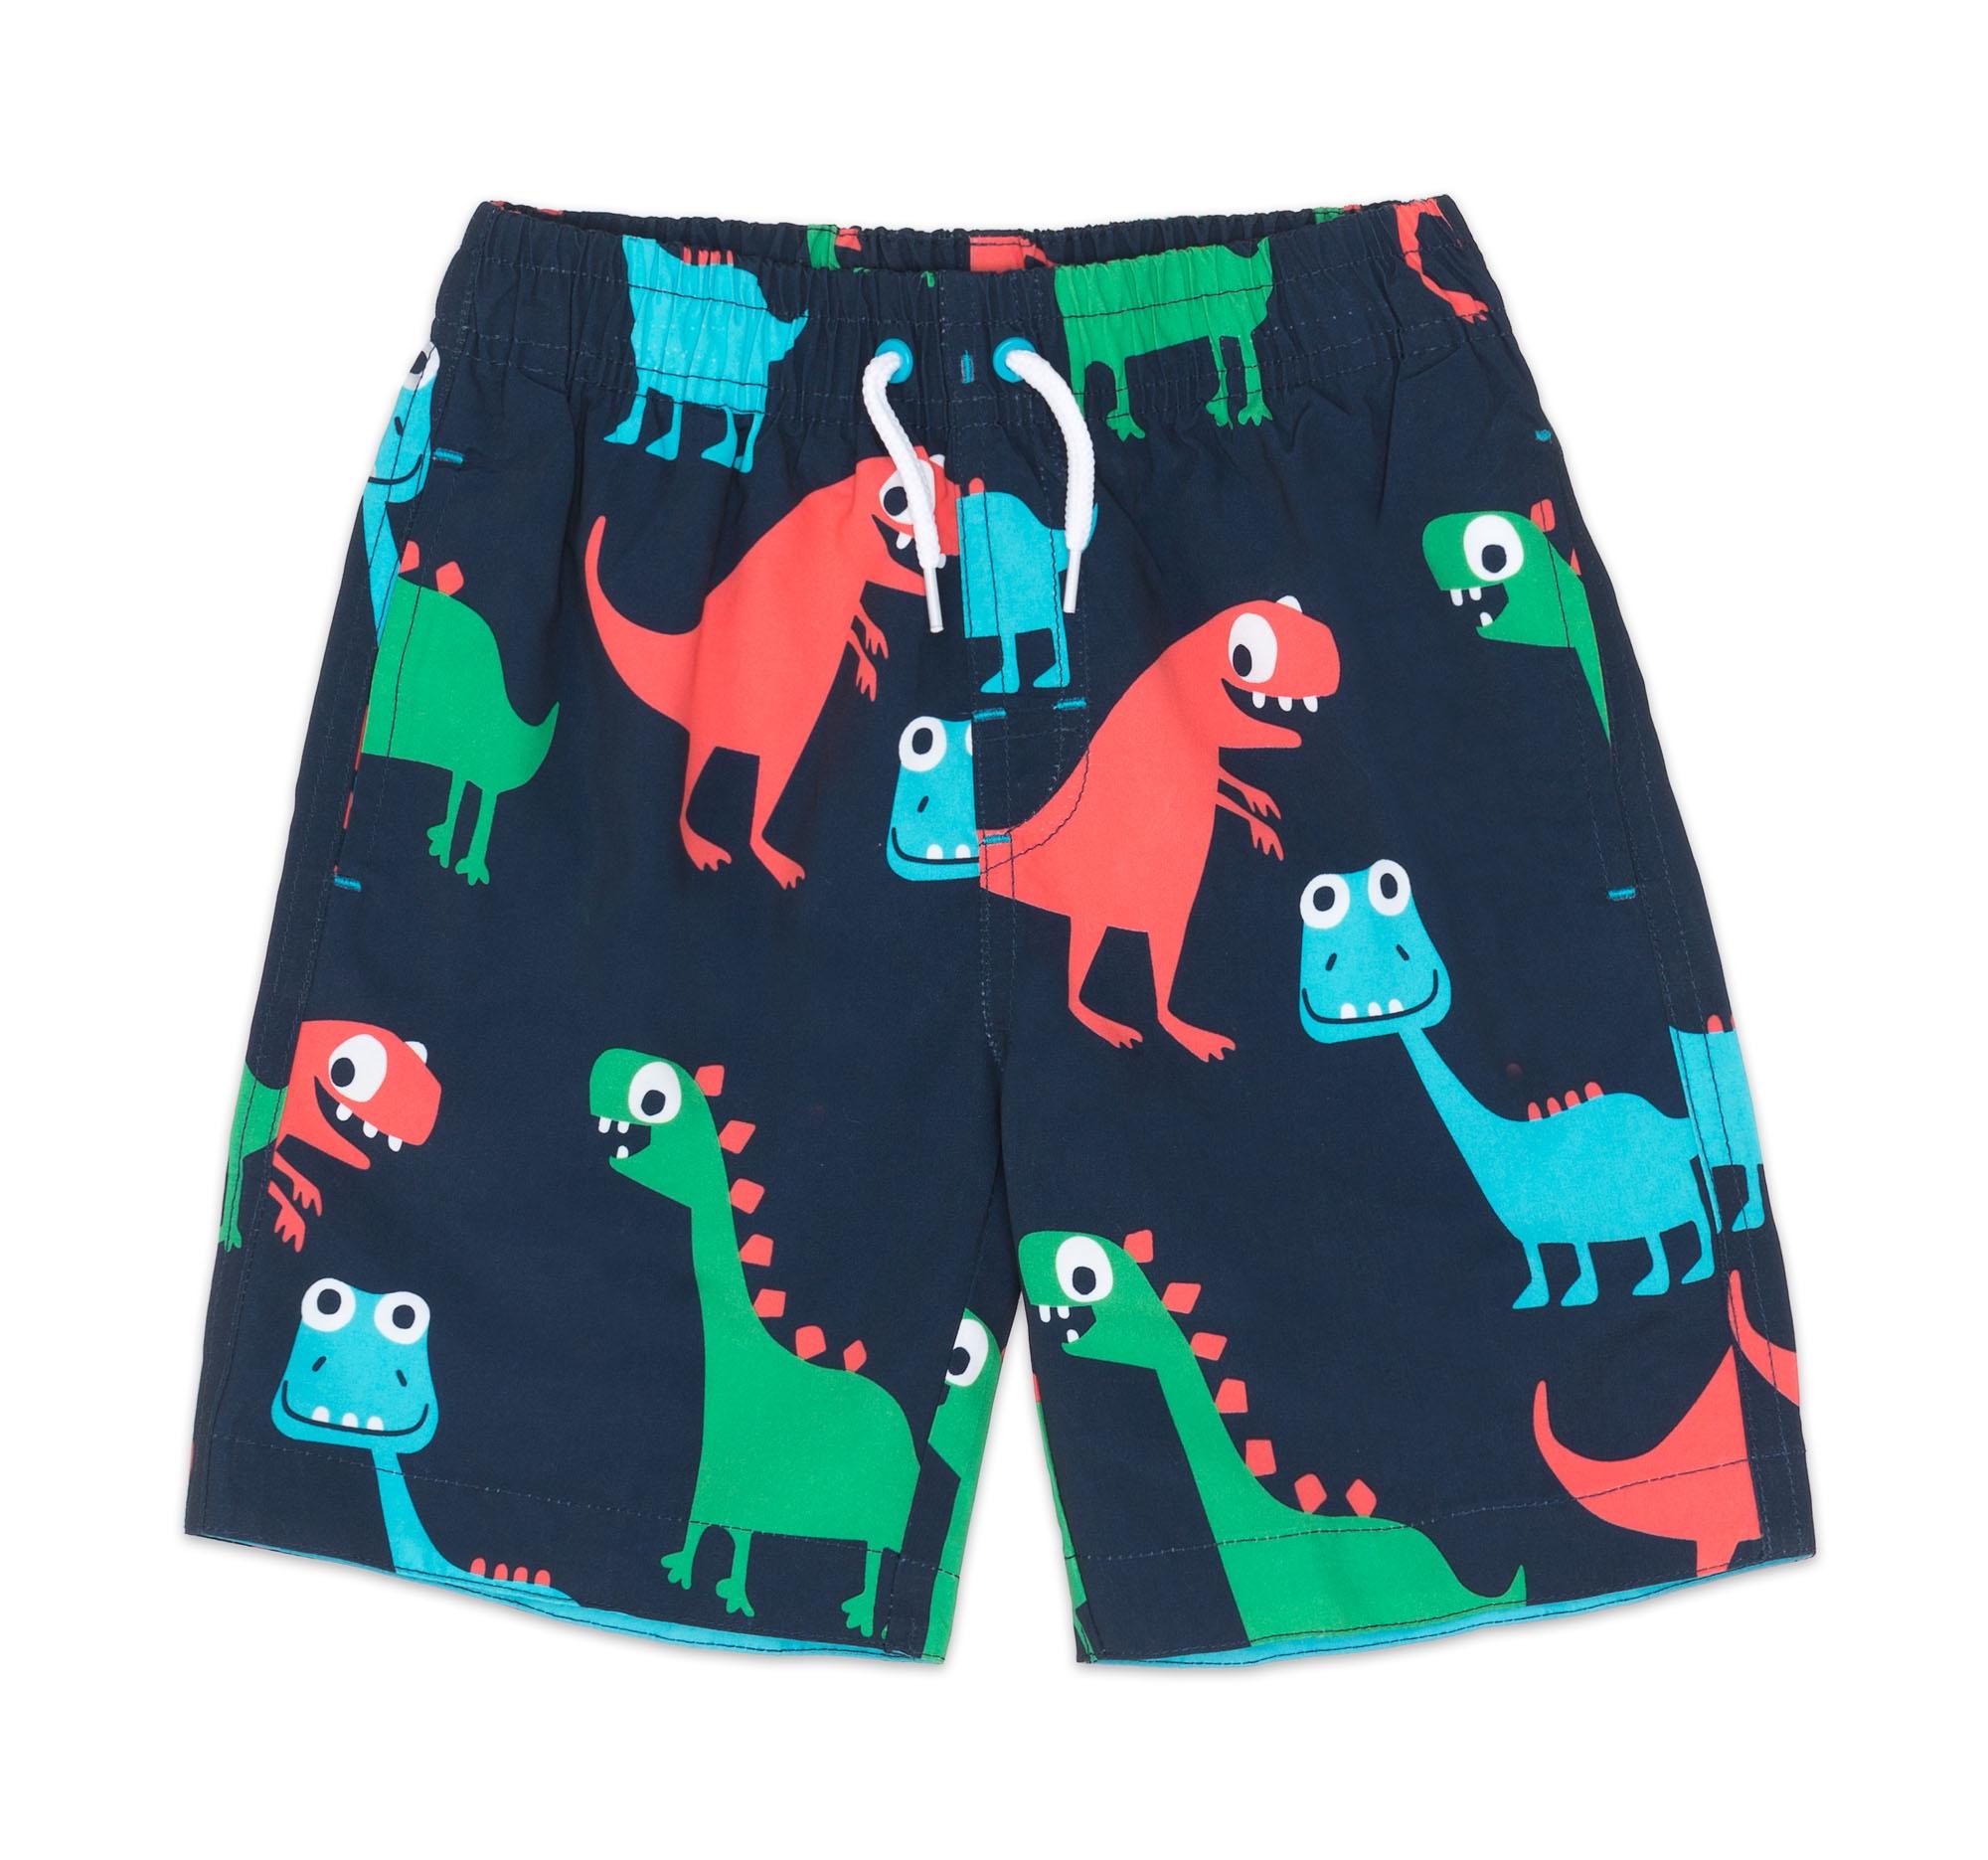 Шорты Barkito Шорты купальные для мальчика Barkito, Пляж, синий, с рисунком динозавры шорты barkito шорты джинсовые для мальчика barkito супергерой голубые